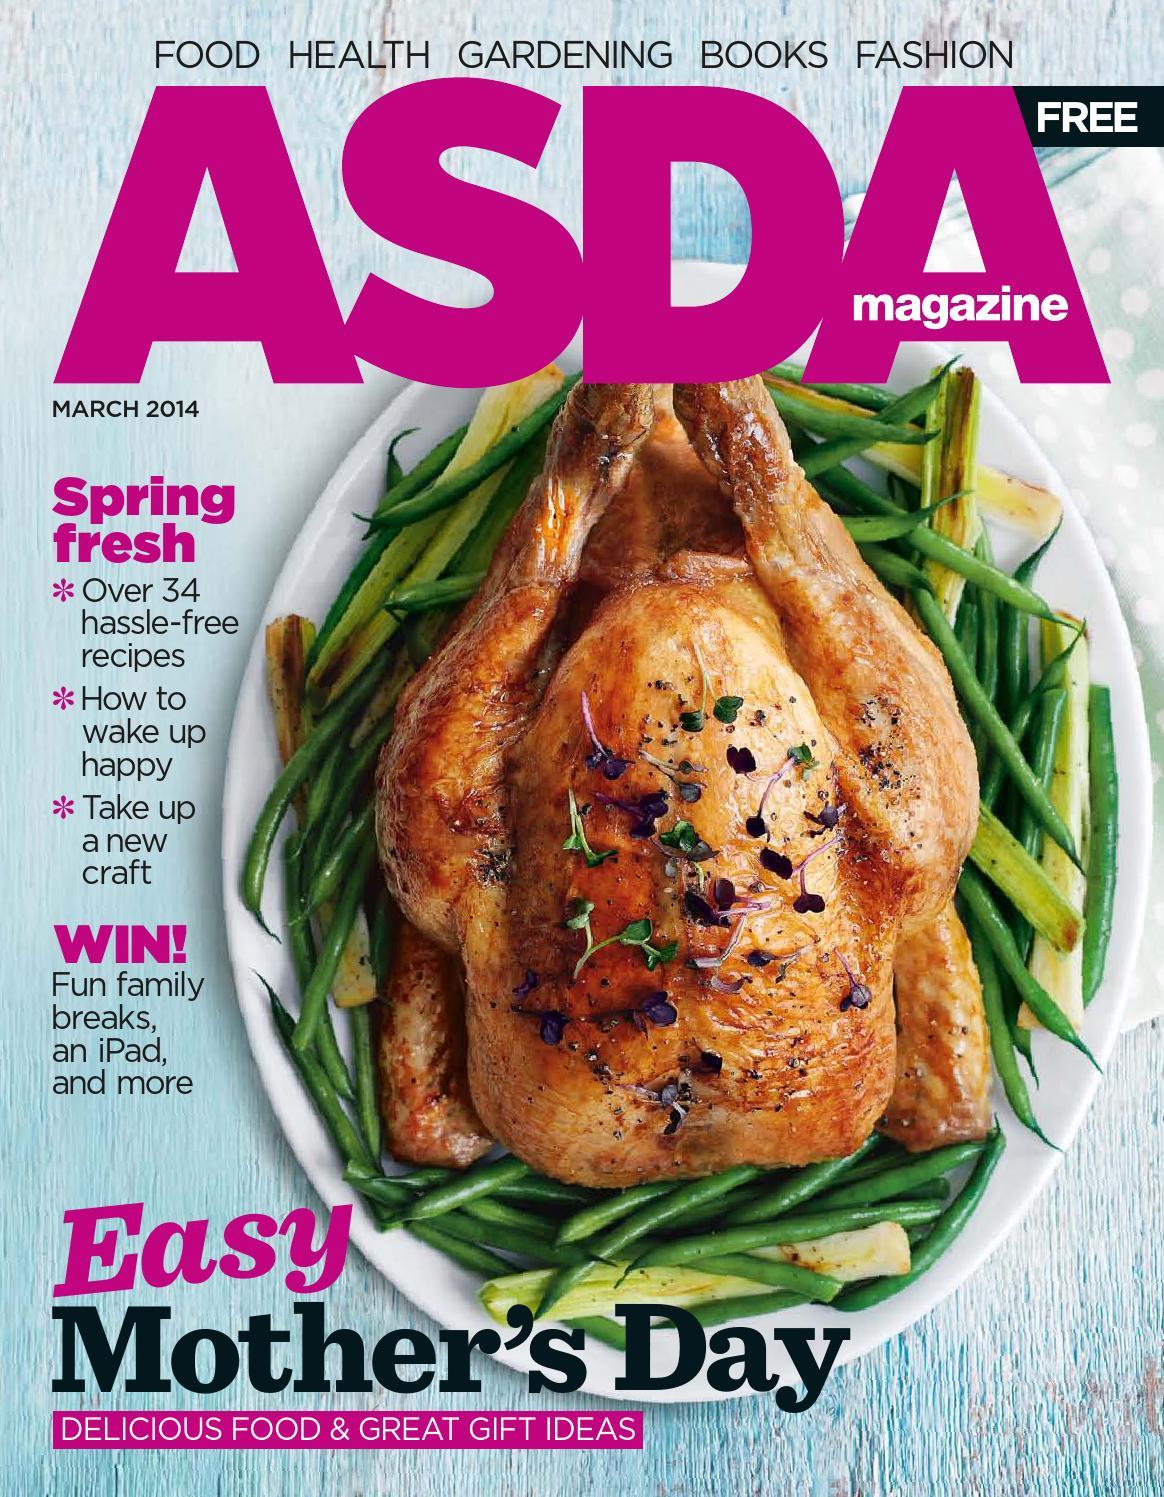 Asda Magazine March 2014 by Asda - Issuu